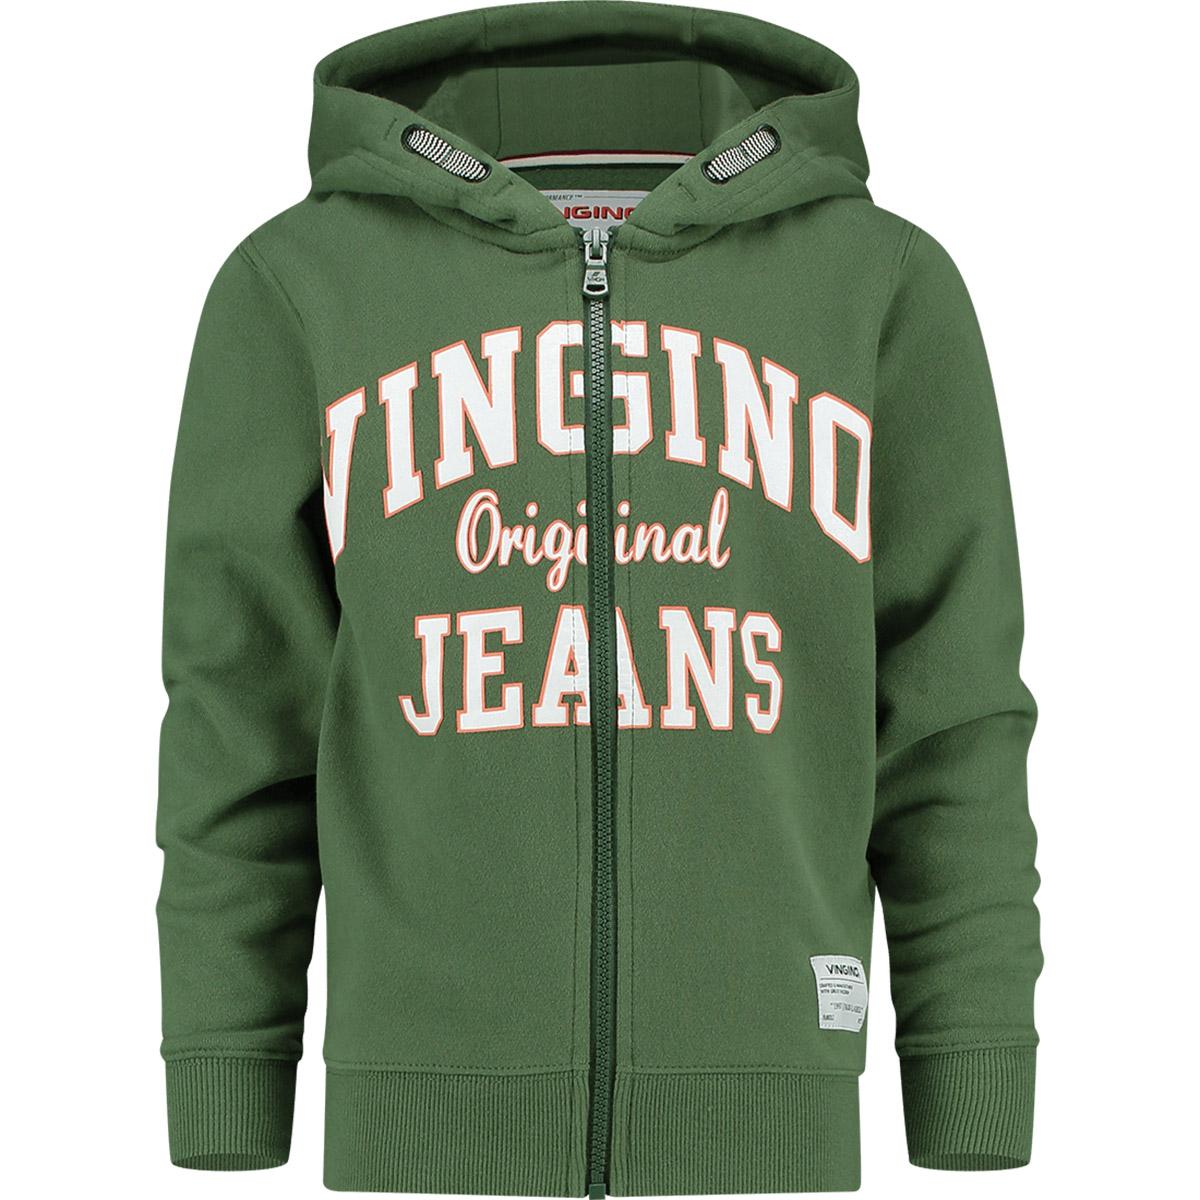 ad16380270a6e9 Vingino Vest groen - kleertjes.com